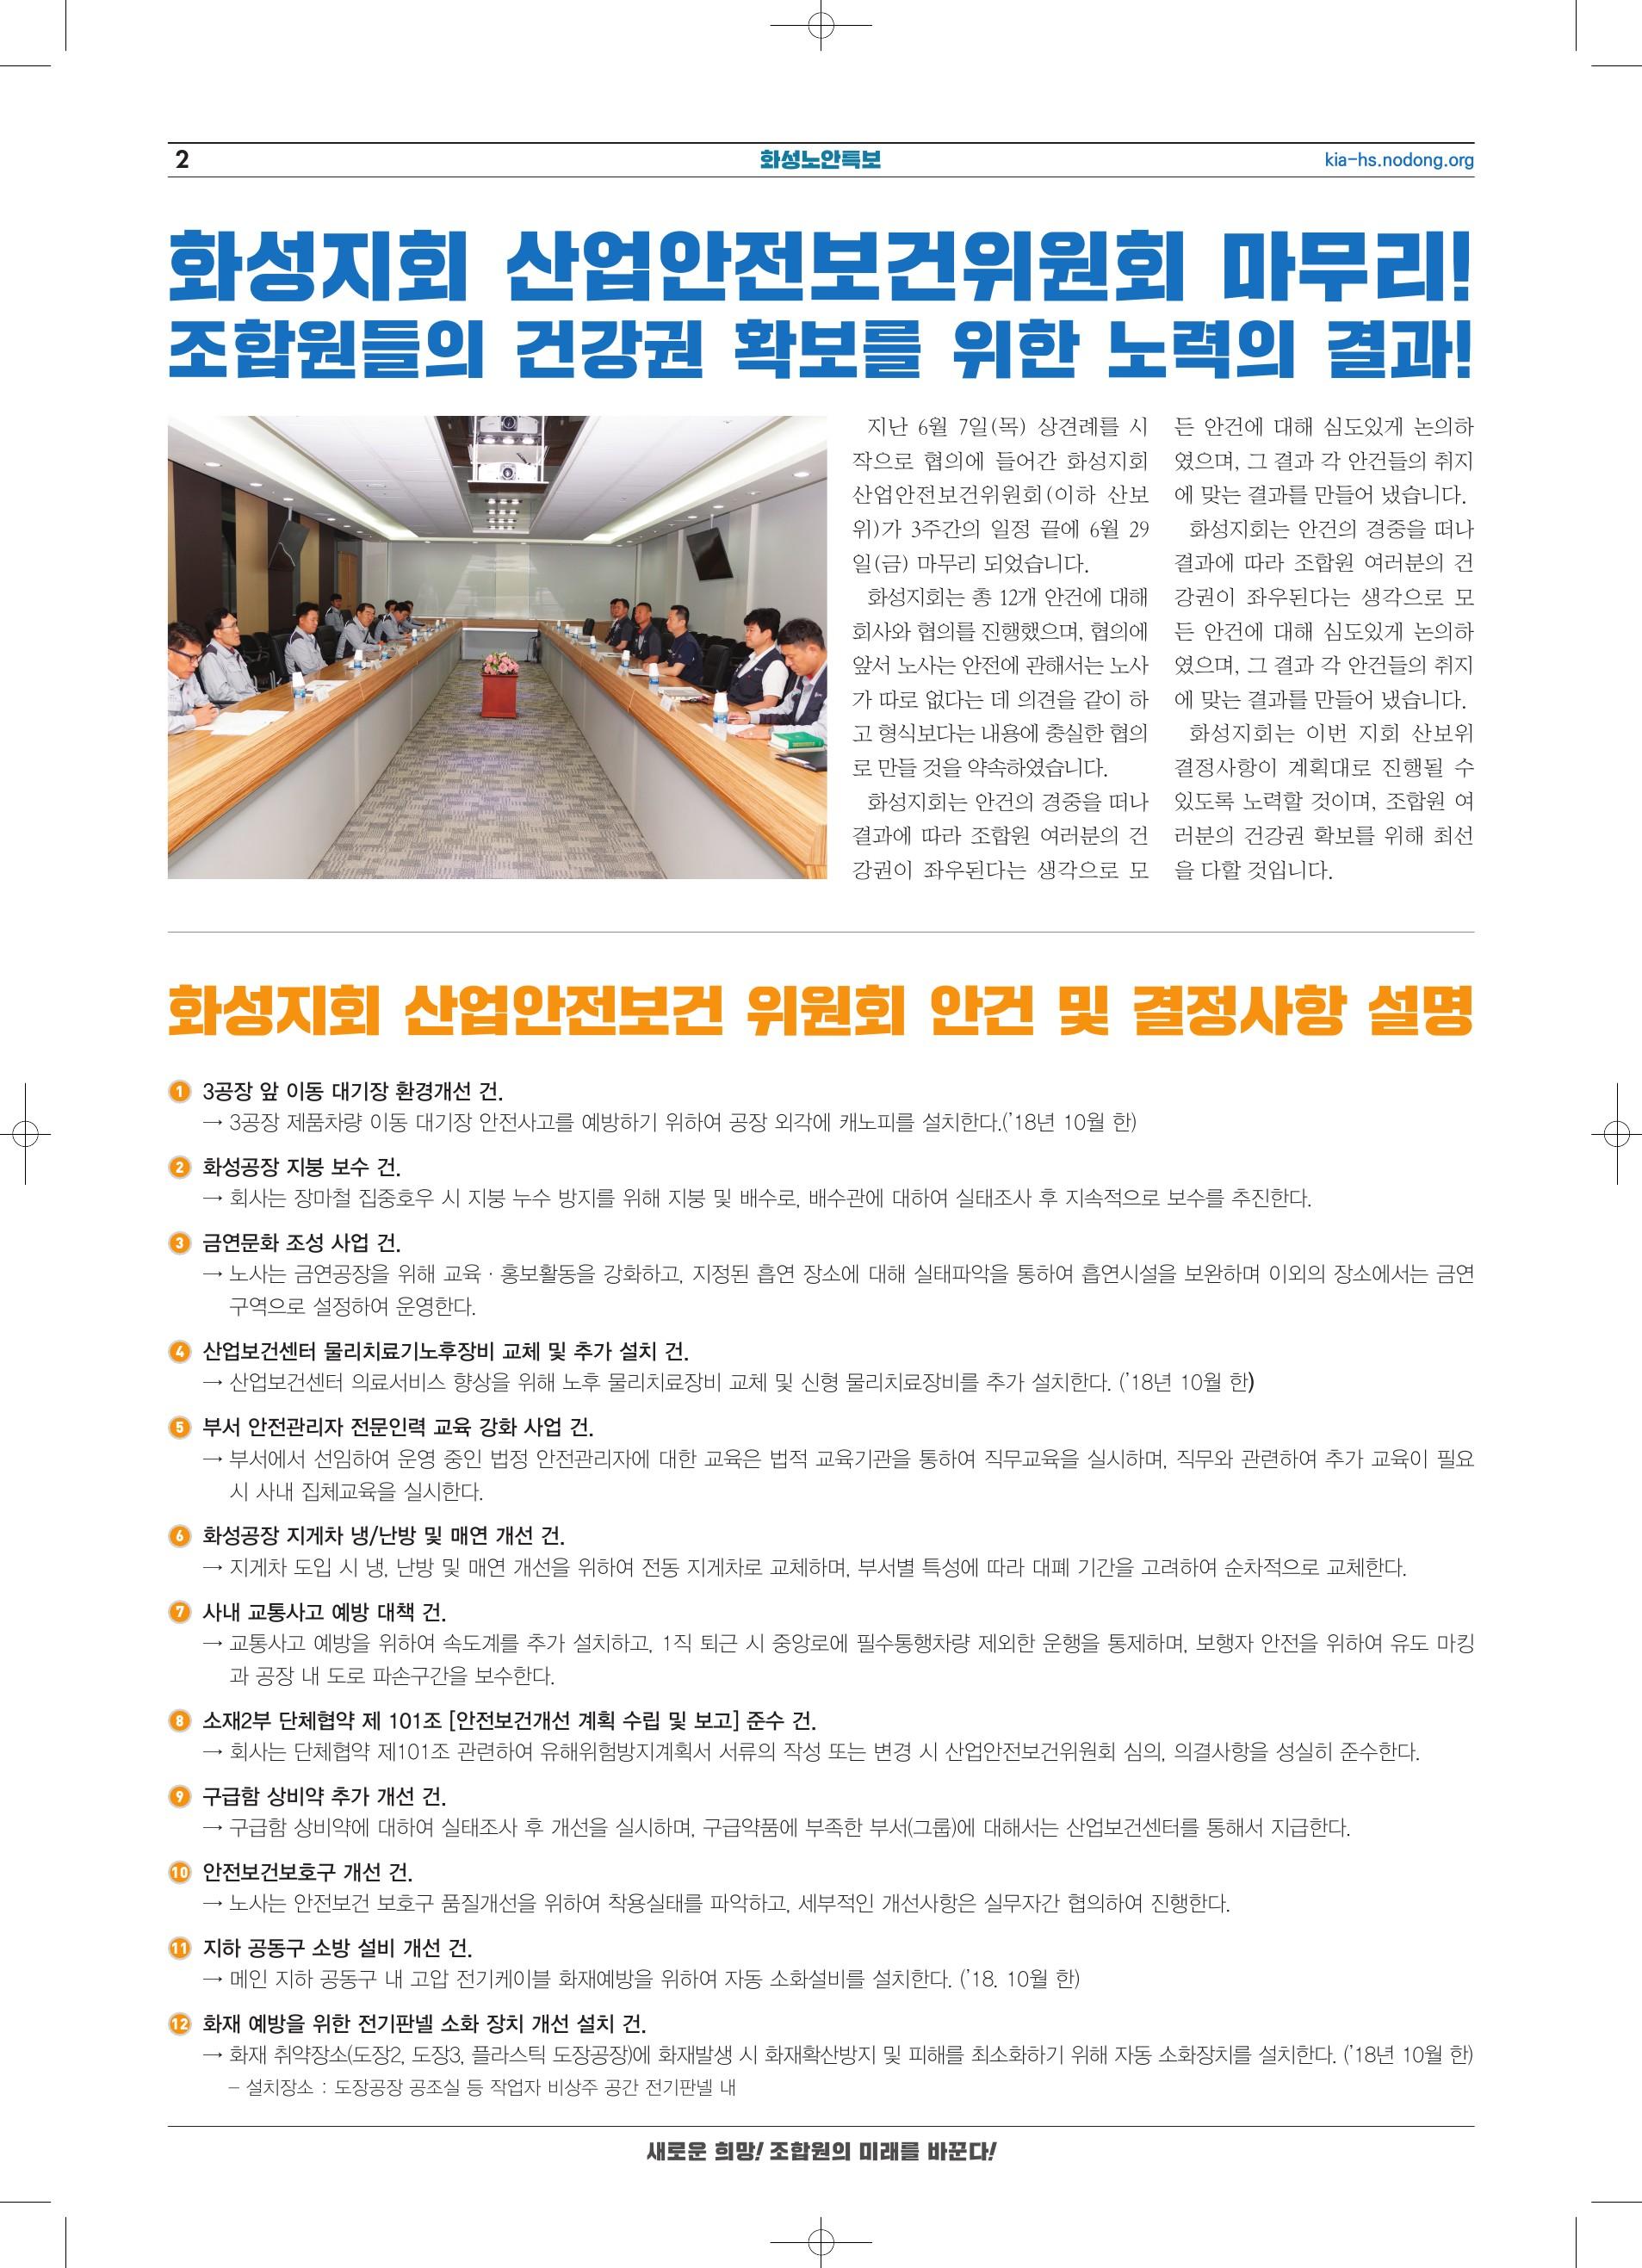 화성노안특보-최종 인쇄-2.jpg